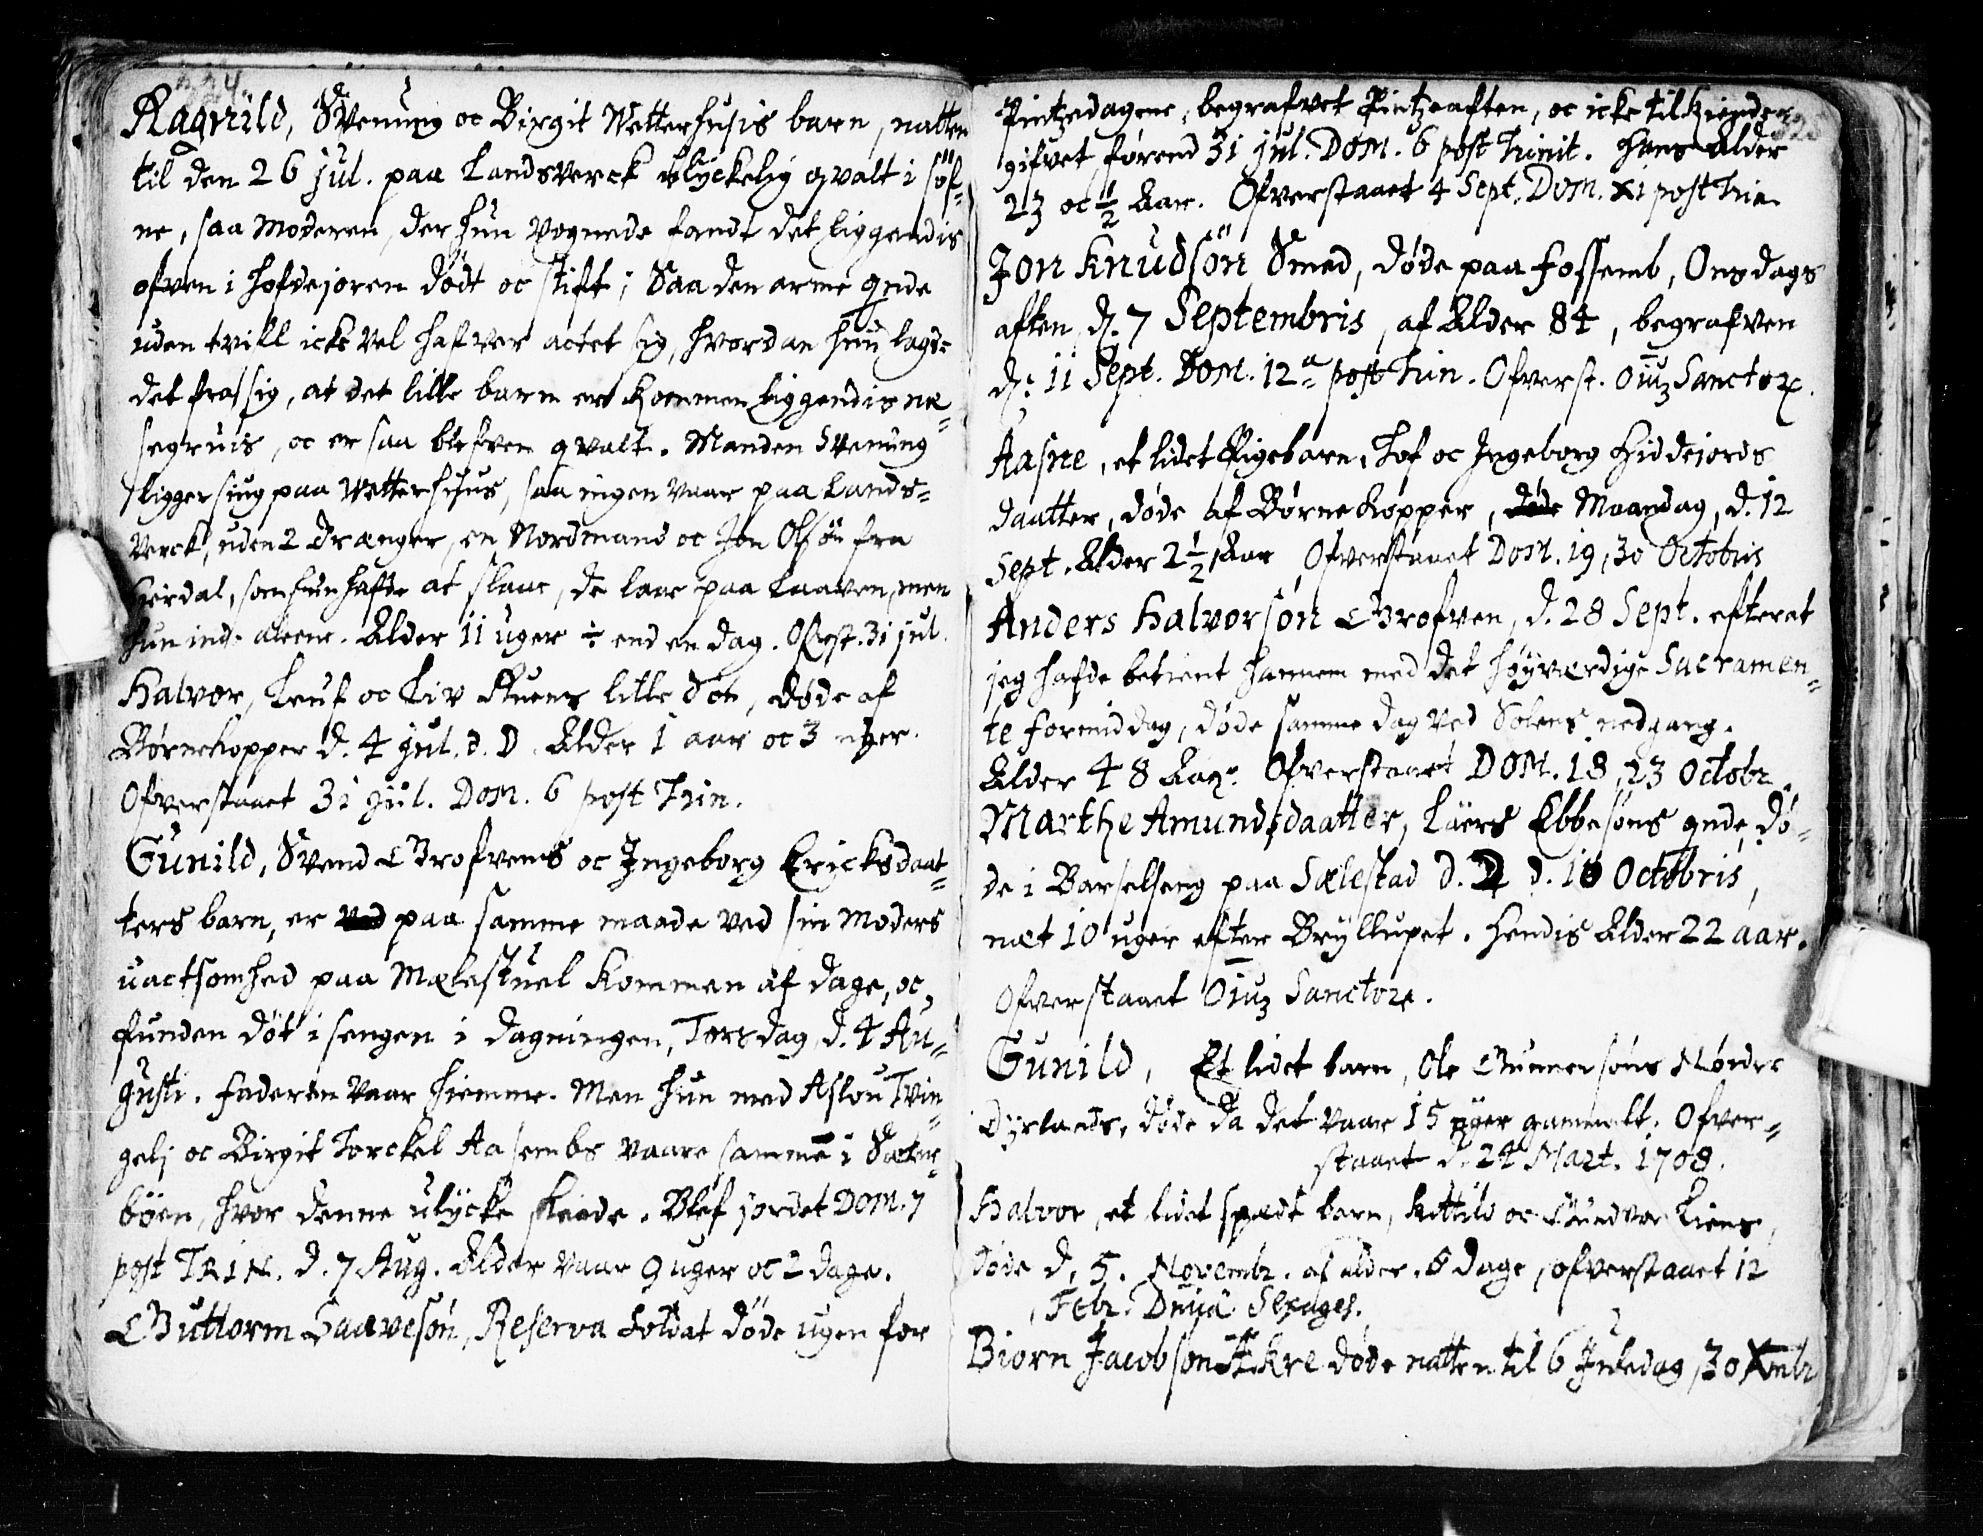 SAKO, Seljord kirkebøker, F/Fa/L0002: Ministerialbok nr. I 2, 1689-1713, s. 324-325